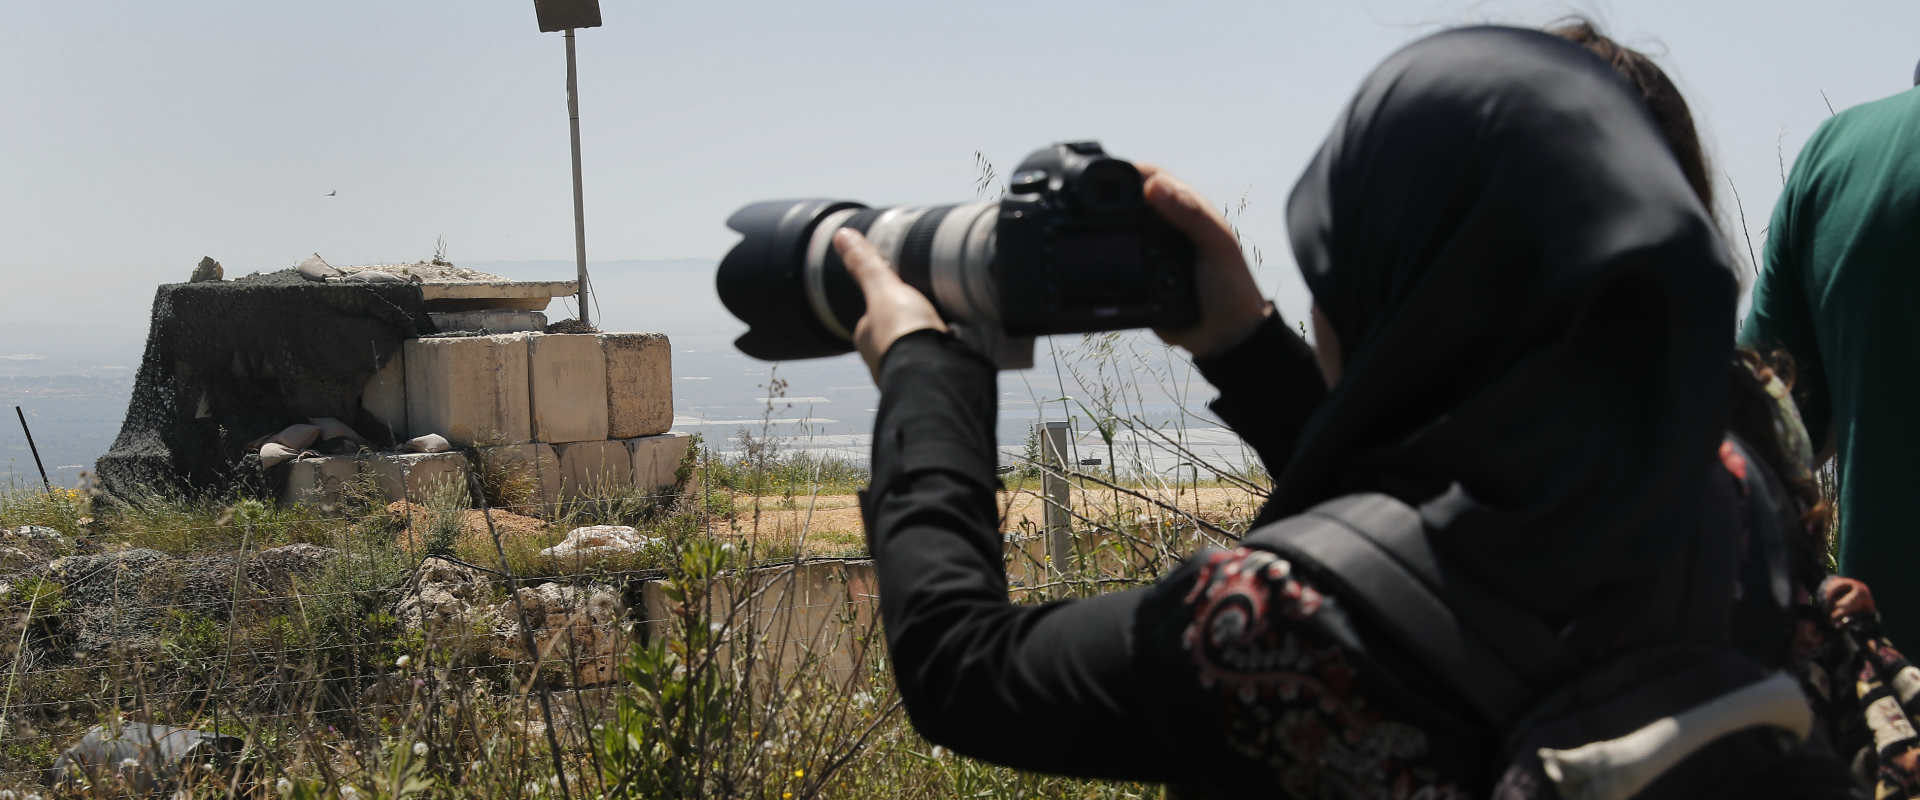 """אשה בלבנון מצלמת עמדת צה""""ל ליד הגבול, באפריל"""